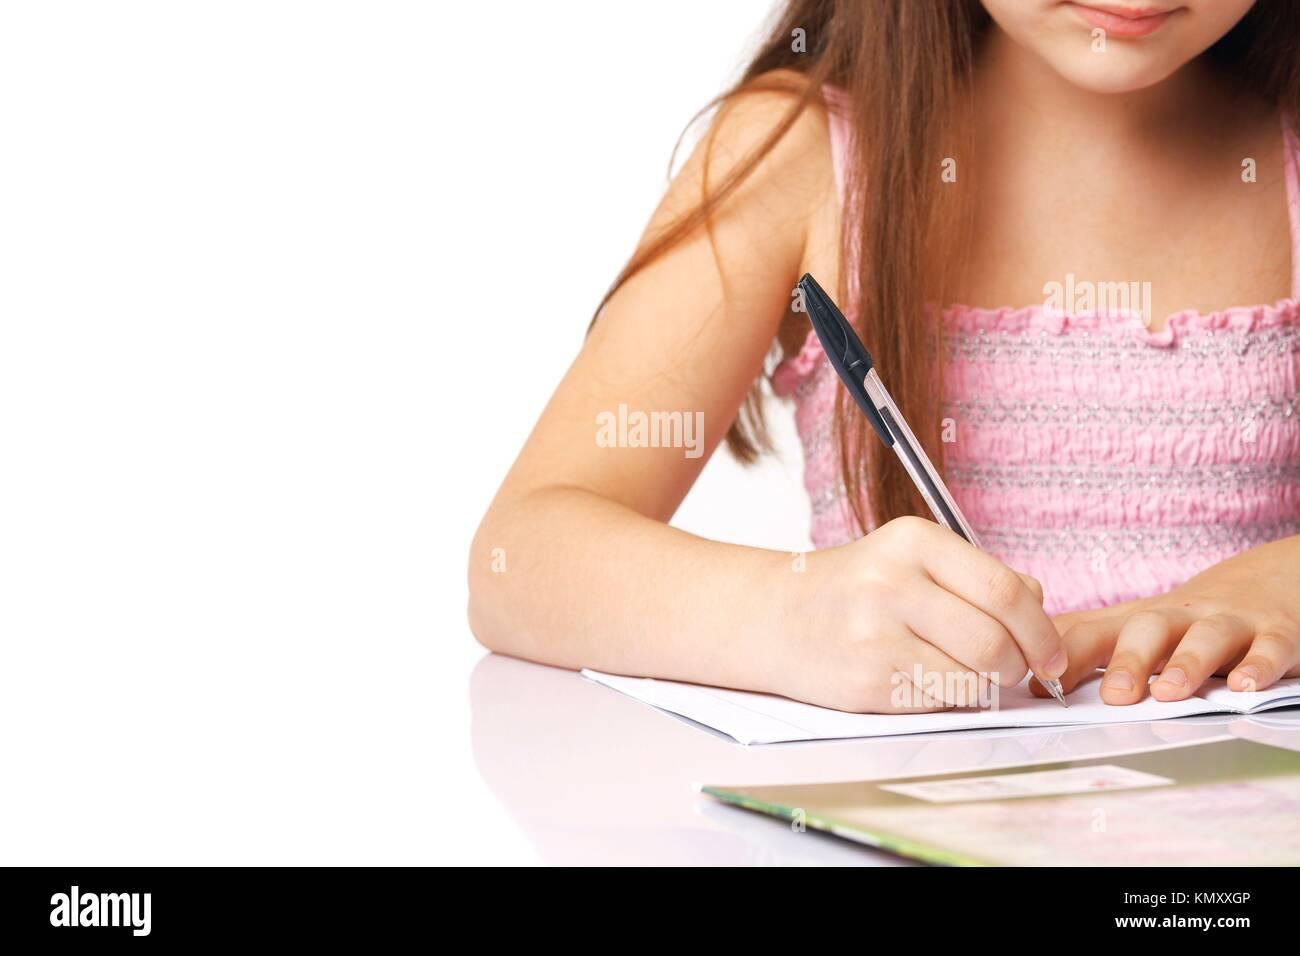 Nahaufnahme der Hand ein kleines Mädchen schreiben Etwas, das in der Kopie - Buch Stockfoto